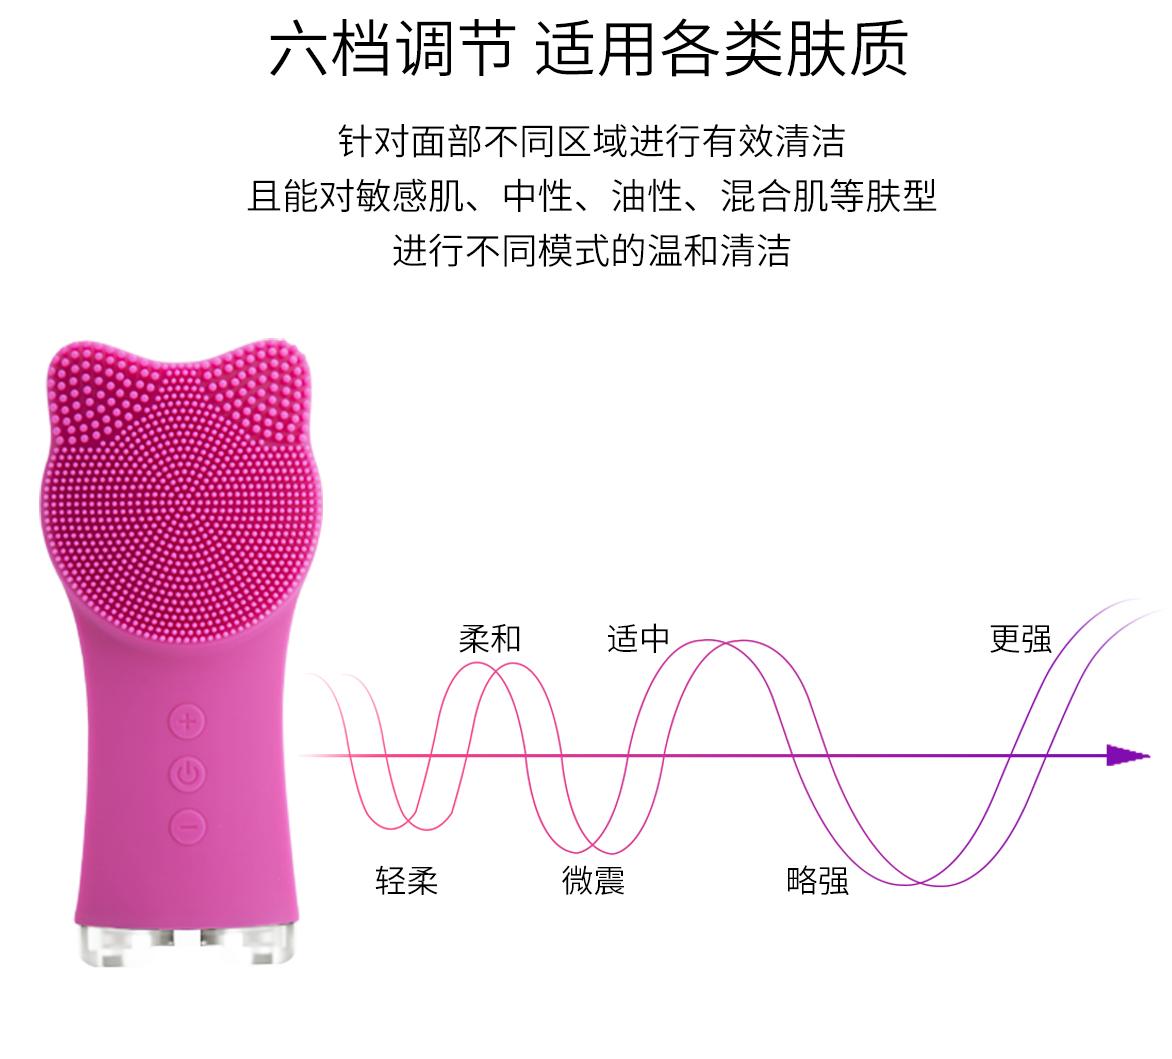 KAKUSAN 卡酷尚硅胶洁面仪多档调节功能